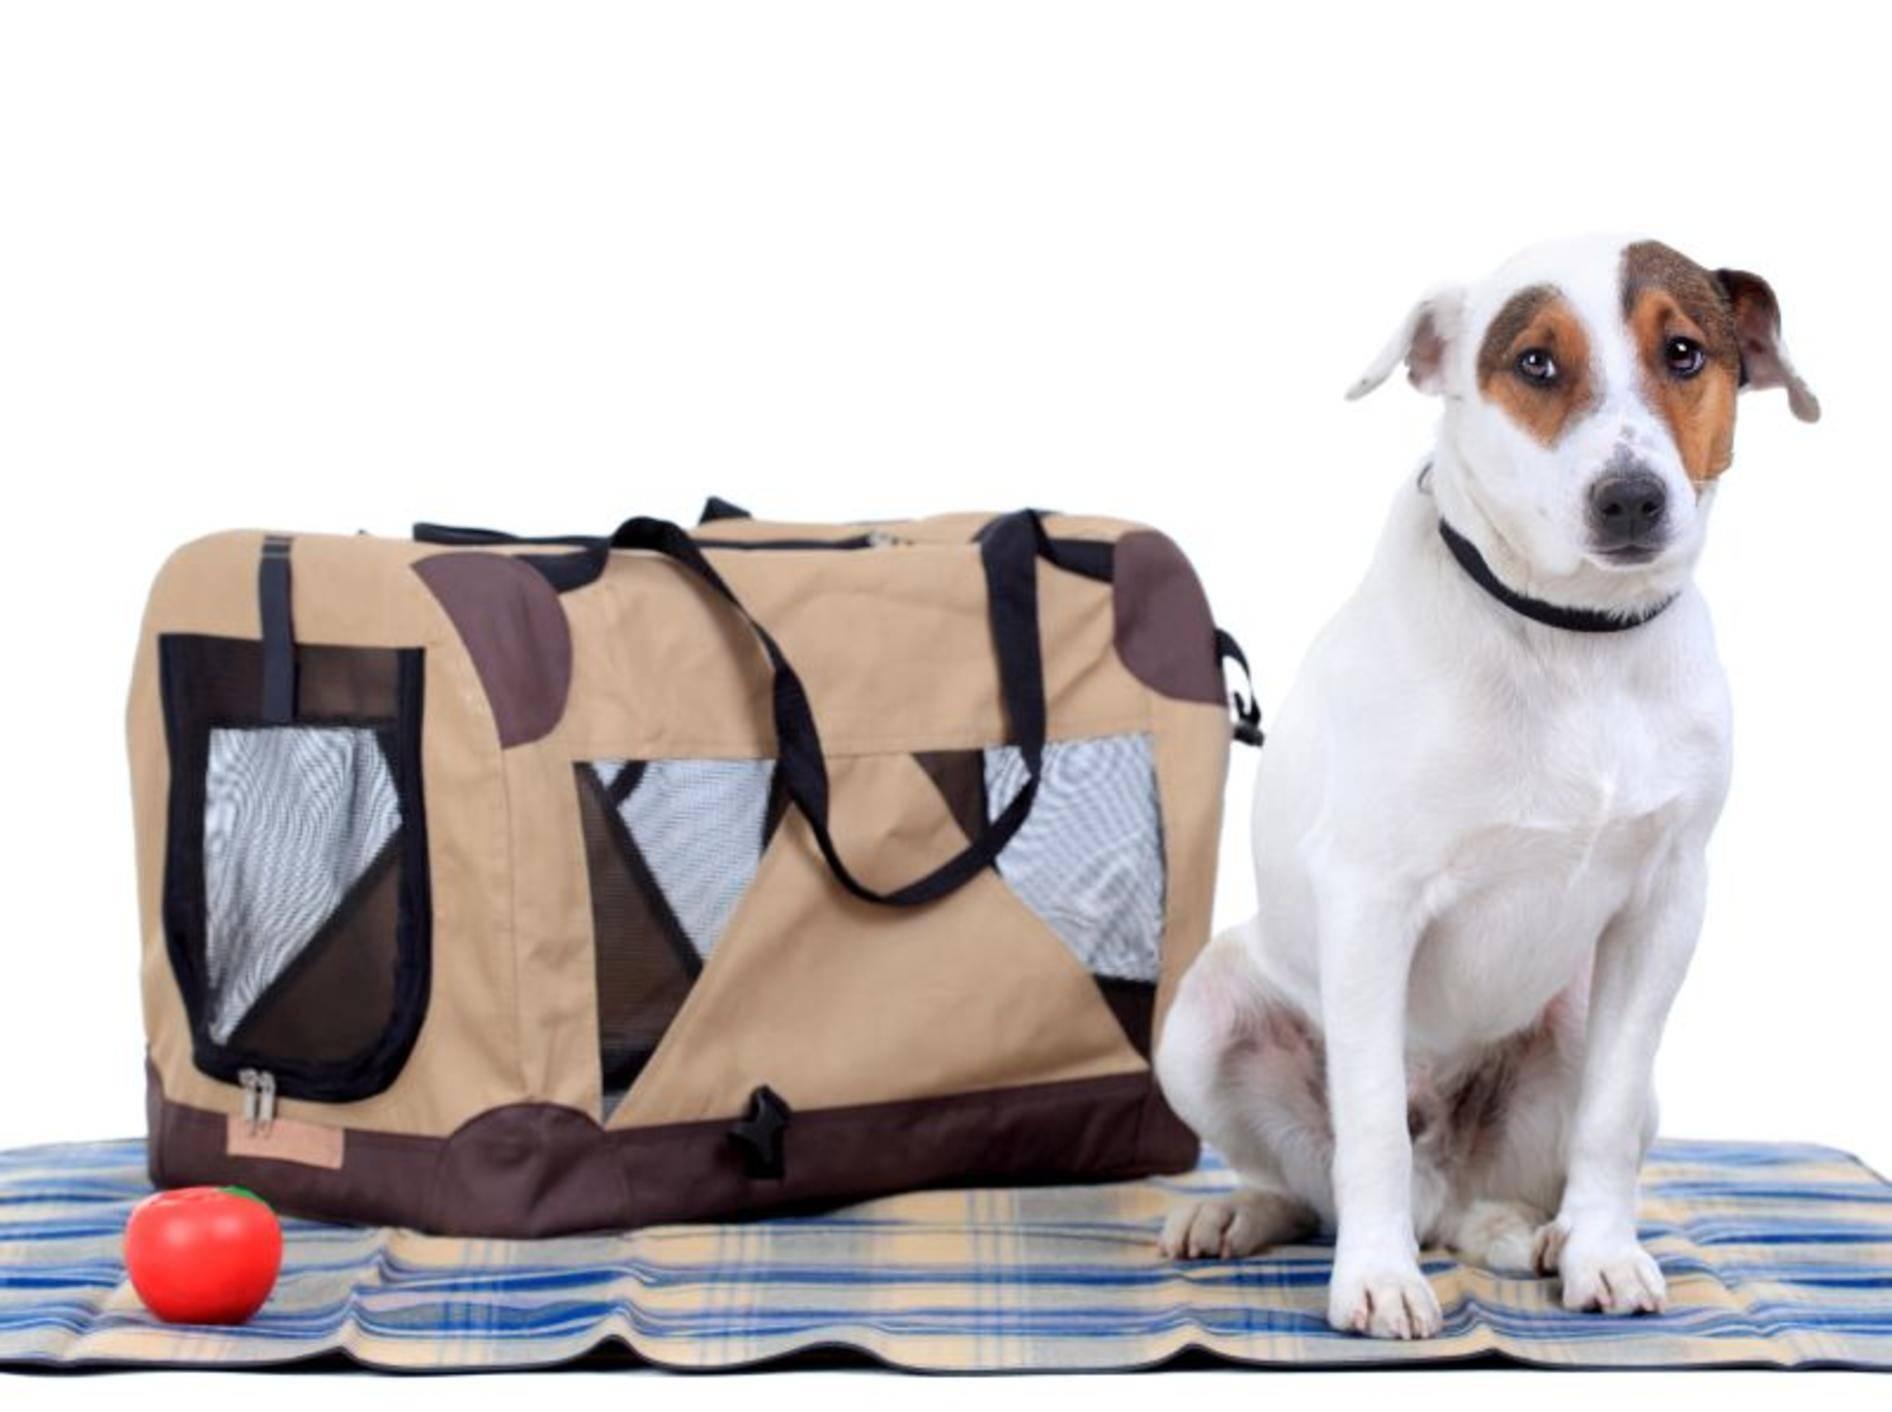 Flugpaten ermöglichen Hunden die Reise ins neues Zuhause – Bild: Shutterstock / Nikola Spasenoski